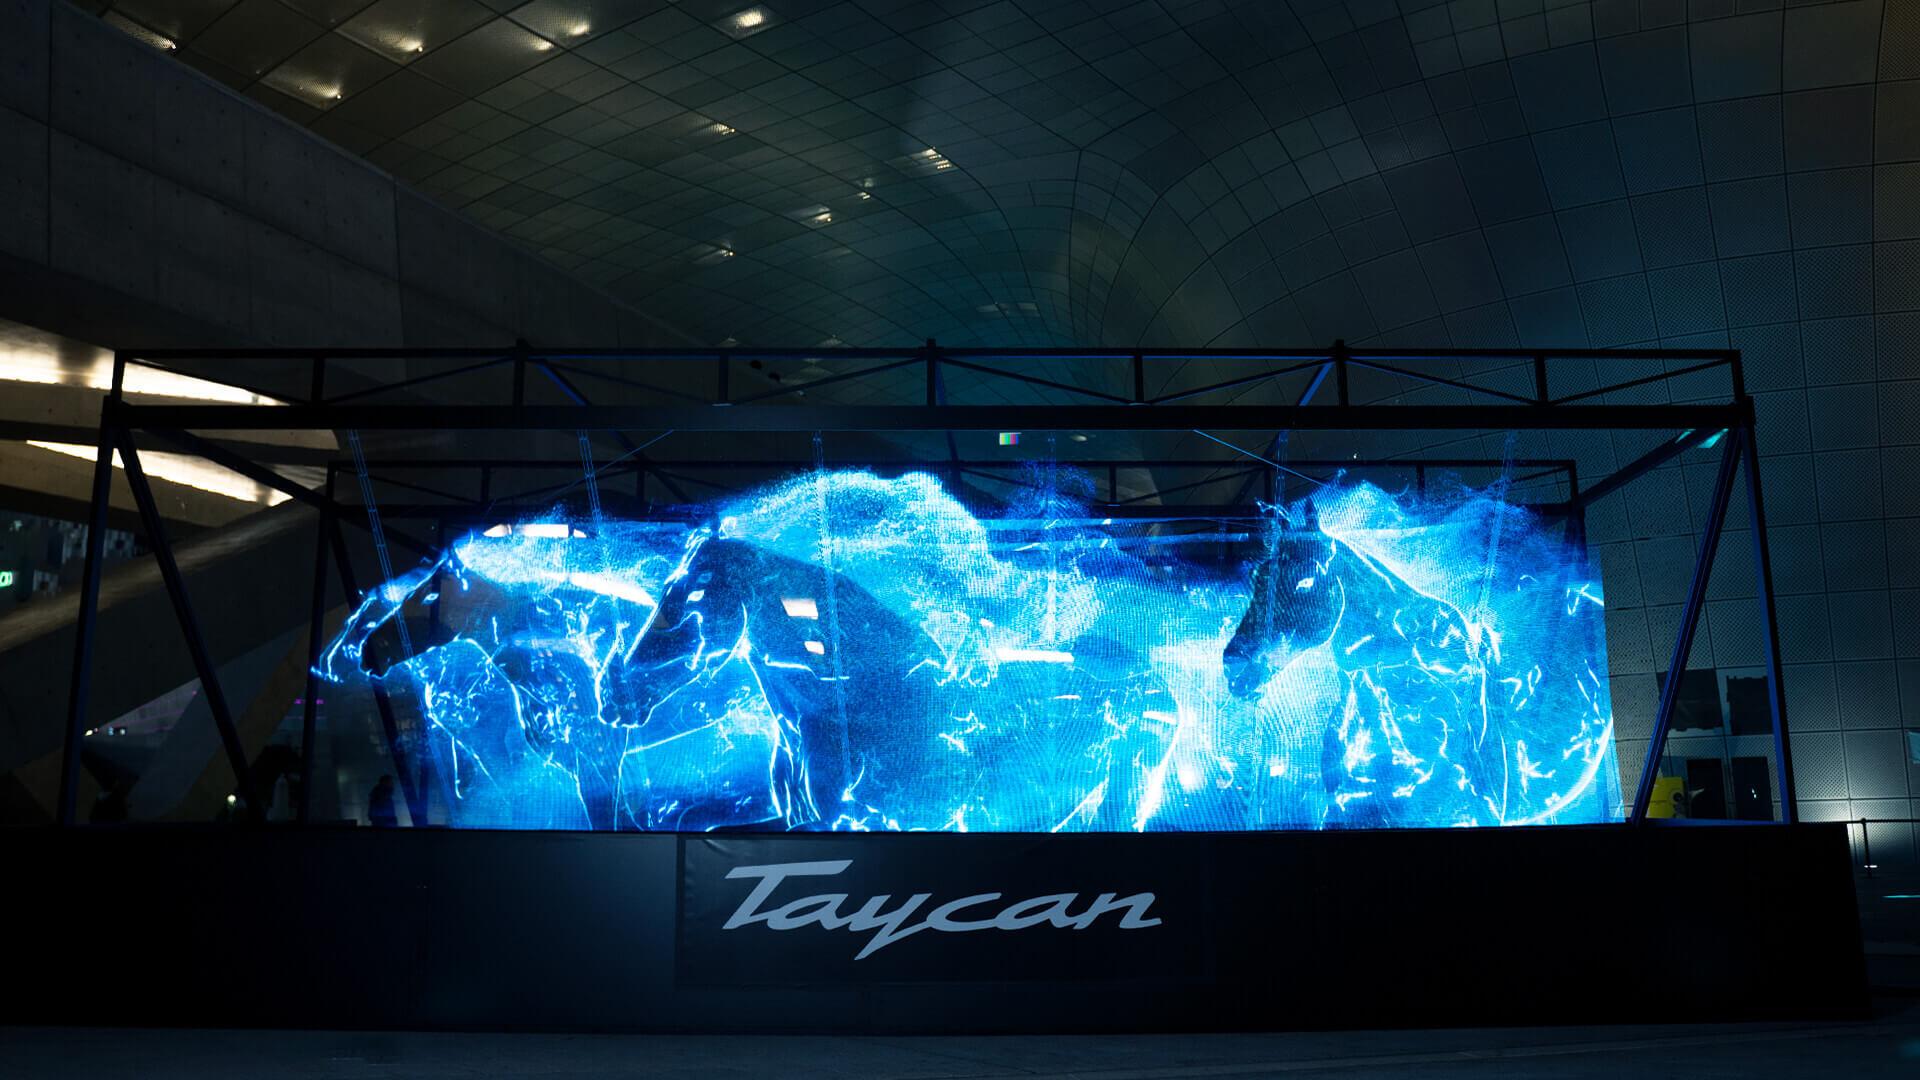 В Южной Корее с помощью голограммного шоу презентовали полностью электрический Porsche Taycan